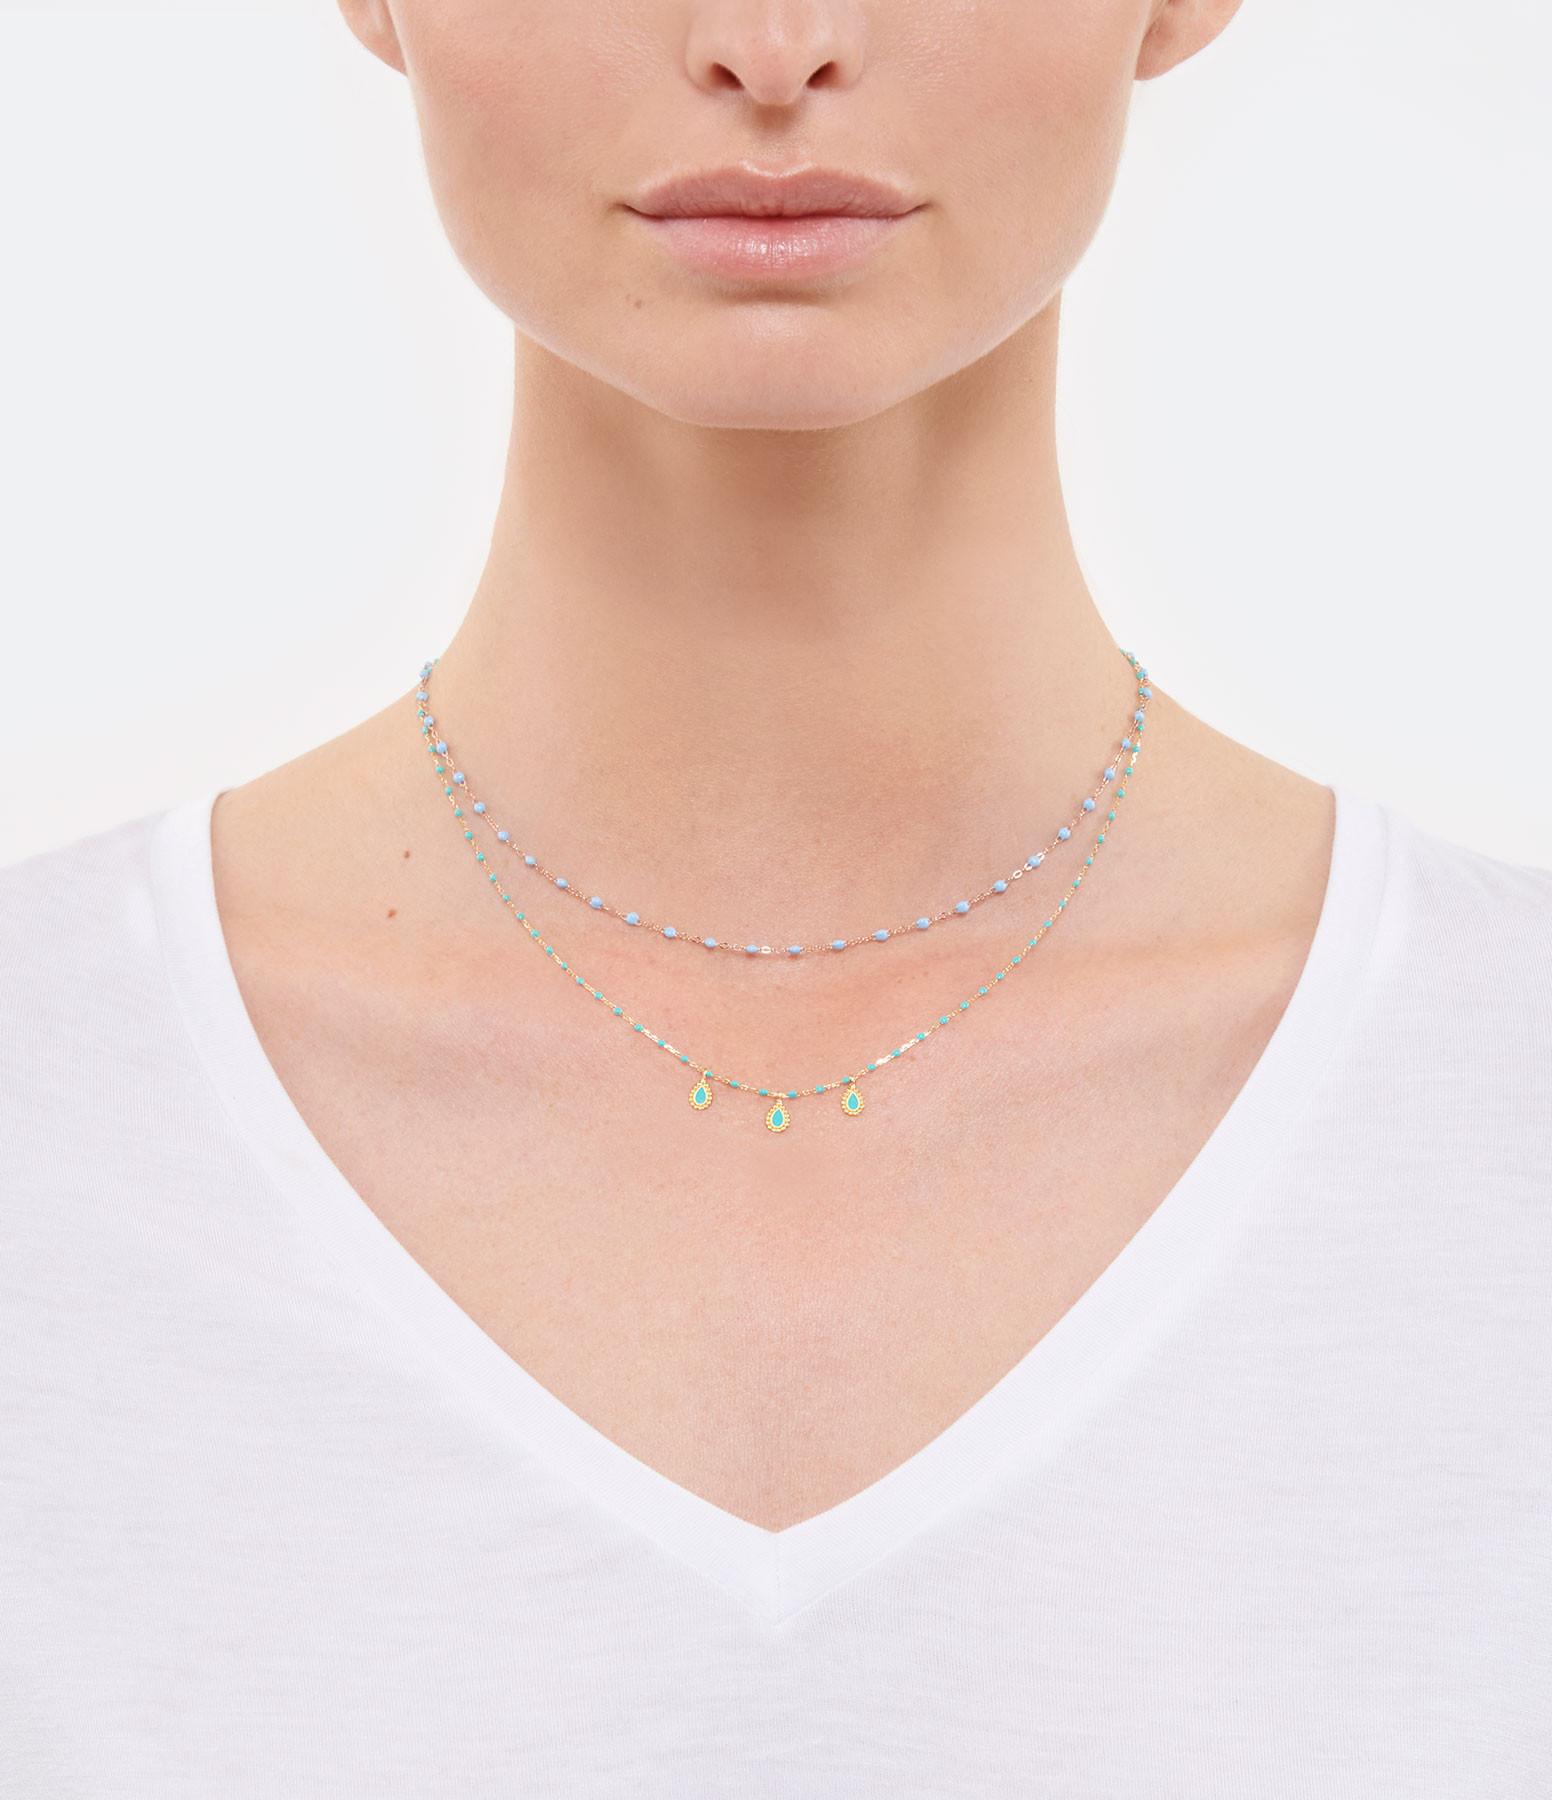 GIGI CLOZEAU - Collier Mini Perles Résine 3 Lucky Cachemire OR